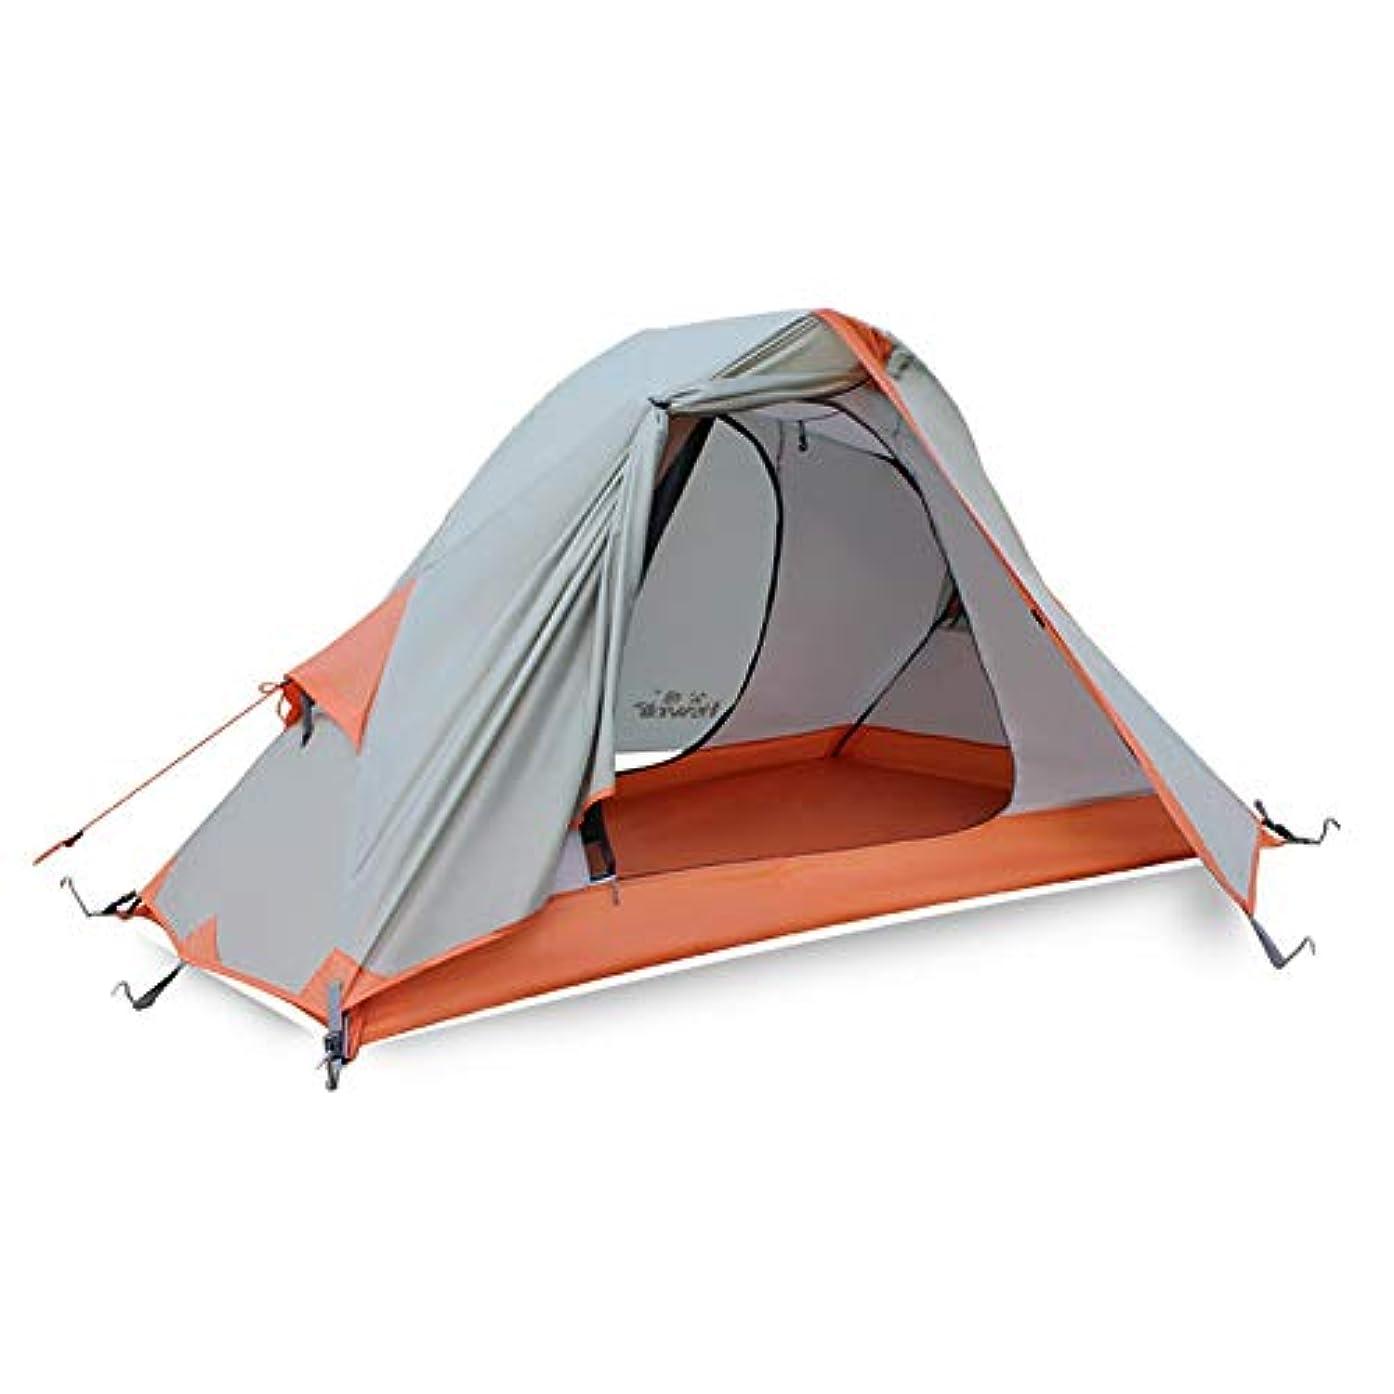 男やもめ秘書真実にテント 1-2人用 ソロテント 二重構造 軽量 高強度 防水 防風 4シーズン アウトドア テント 登山 ツーリング キャンプ HW-Z1601